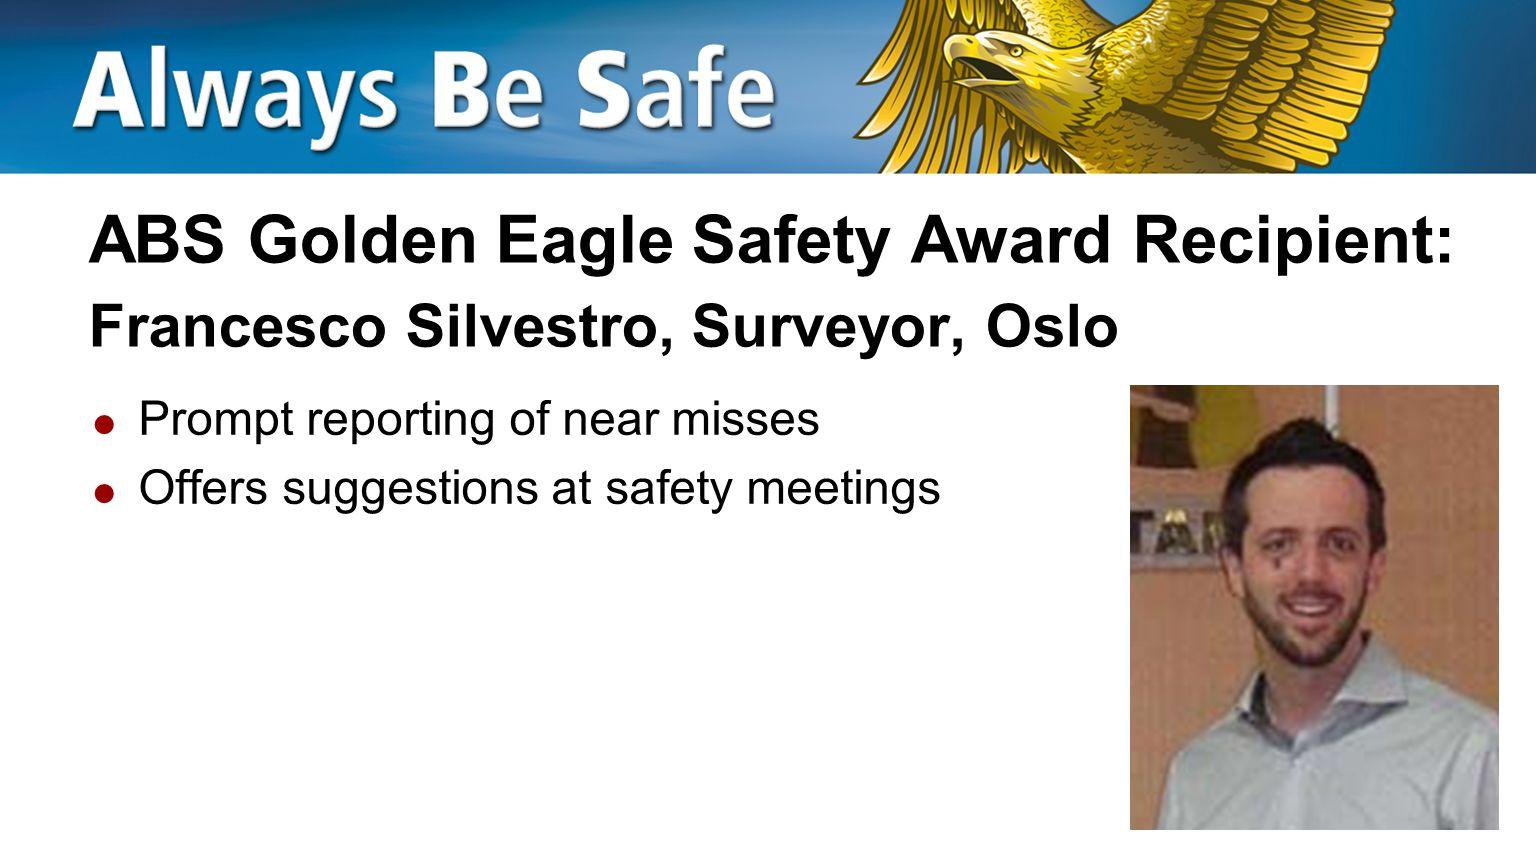 ABS Golden Eagle Safety Award Recipient: Francesco Silvestro, Surveyor, Oslo